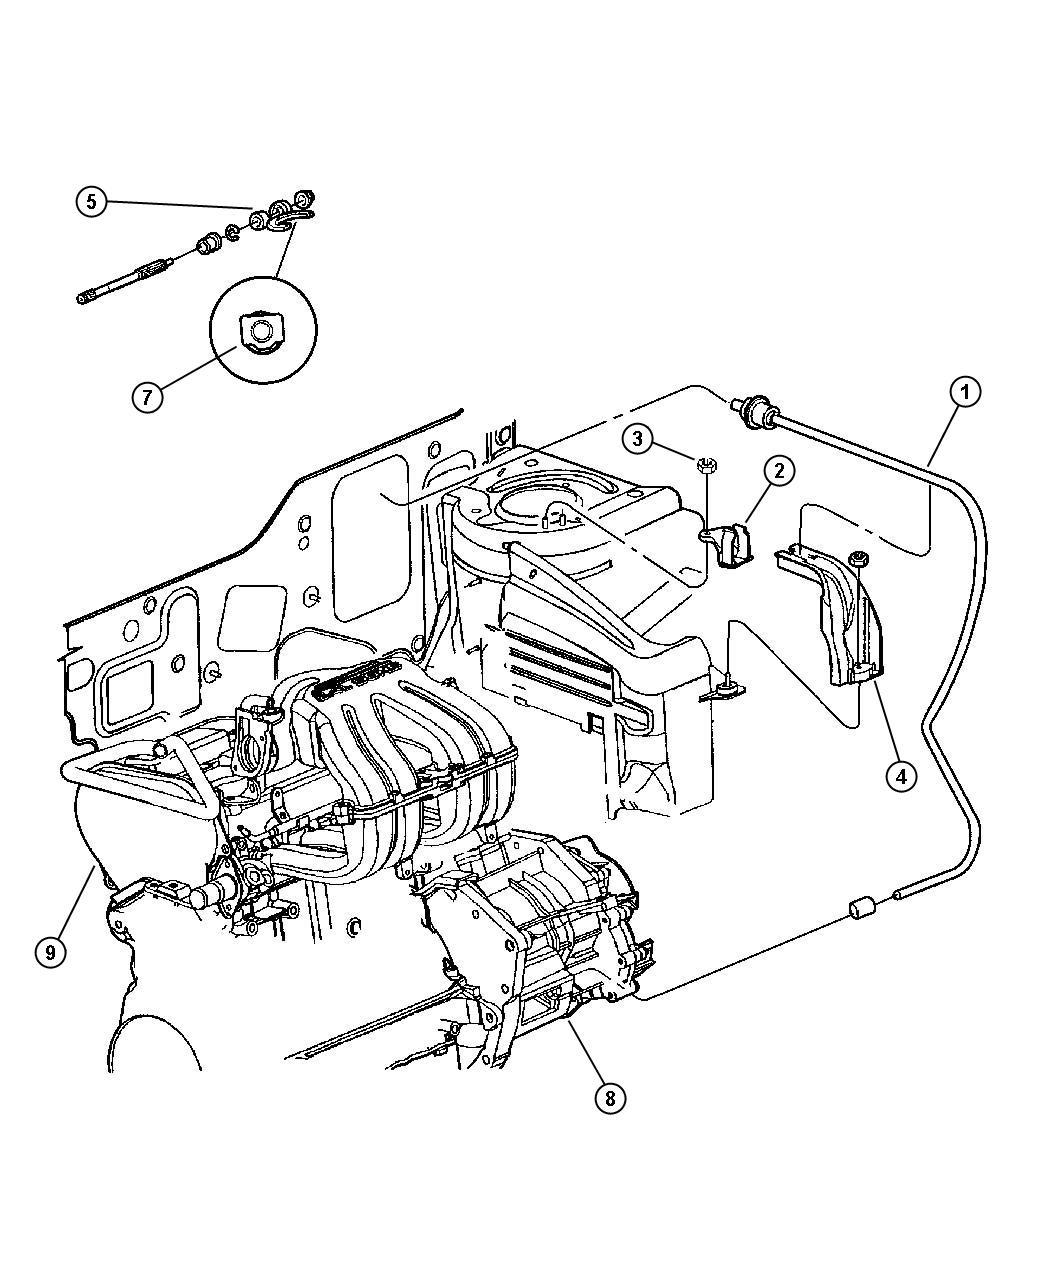 Wiring Diagram 76 Jeep Cj7. Jeep. Auto Wiring Diagram